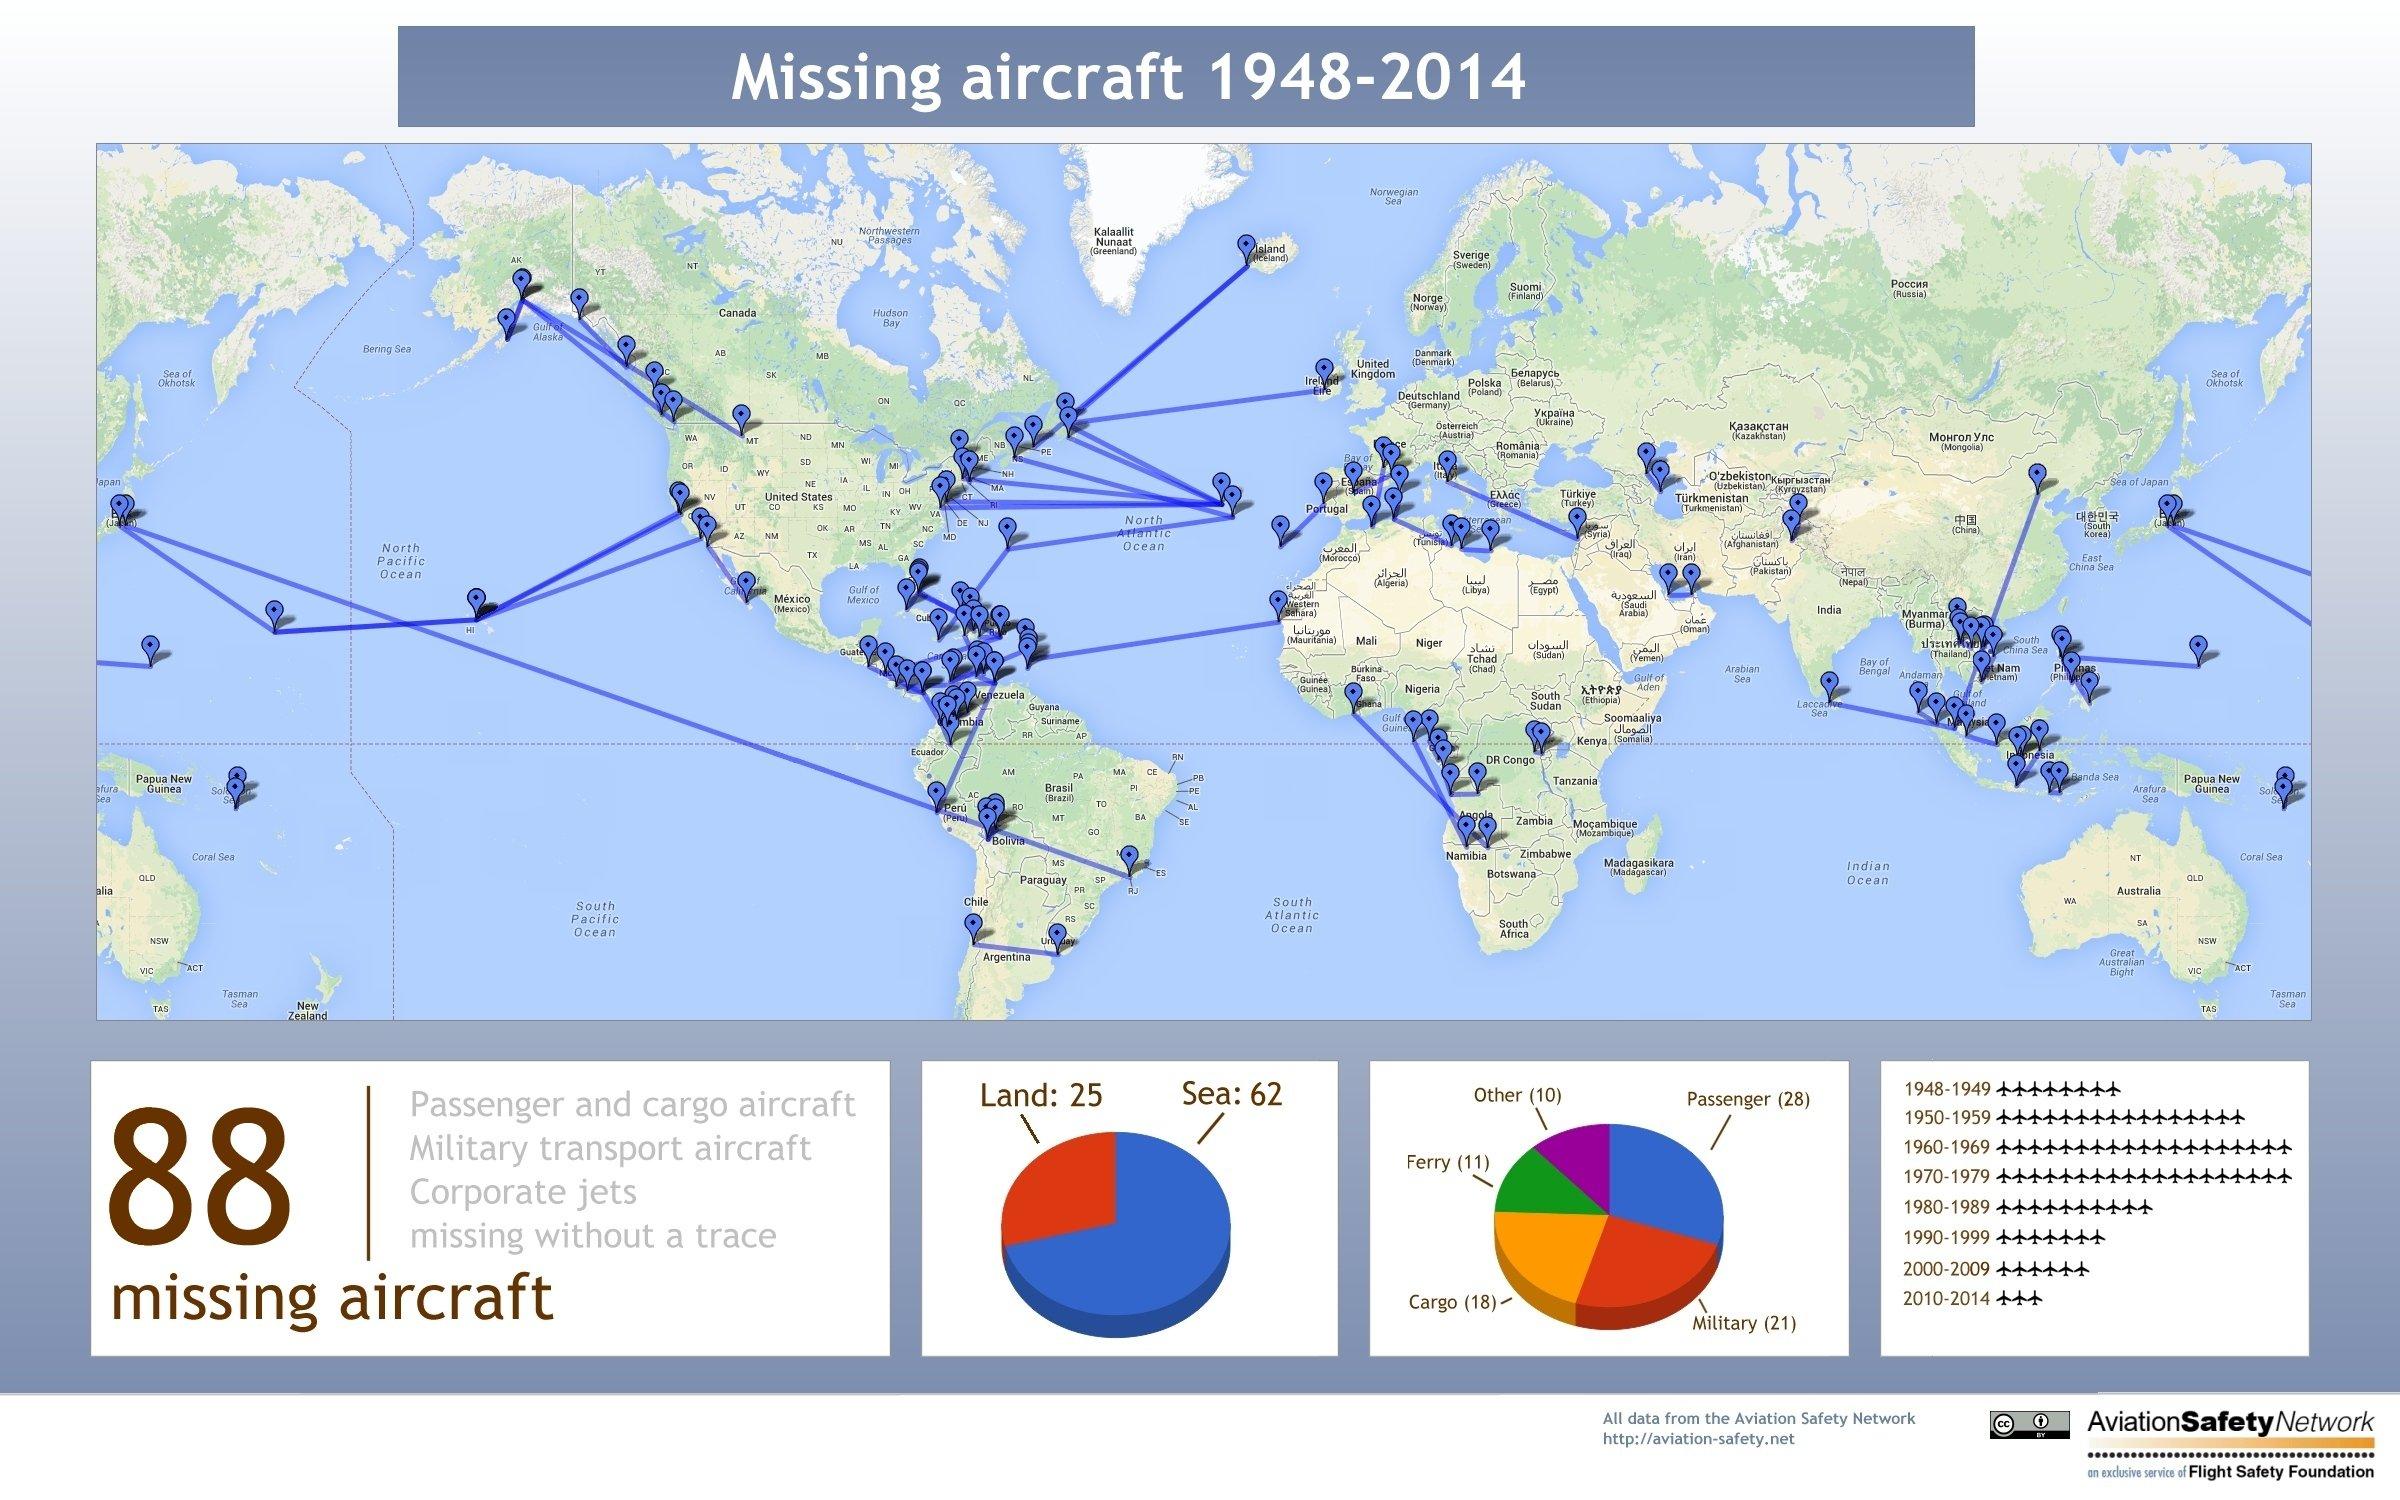 Nach den Unterlagen des Aviation Safety Network sind seit 1948 mindestens 88 Passagier-, Firmen-, Fracht- und Militärflugzeuge verschollen. In zwei Drittel der Fälle verschwanden die Maschinen über dem Meer.